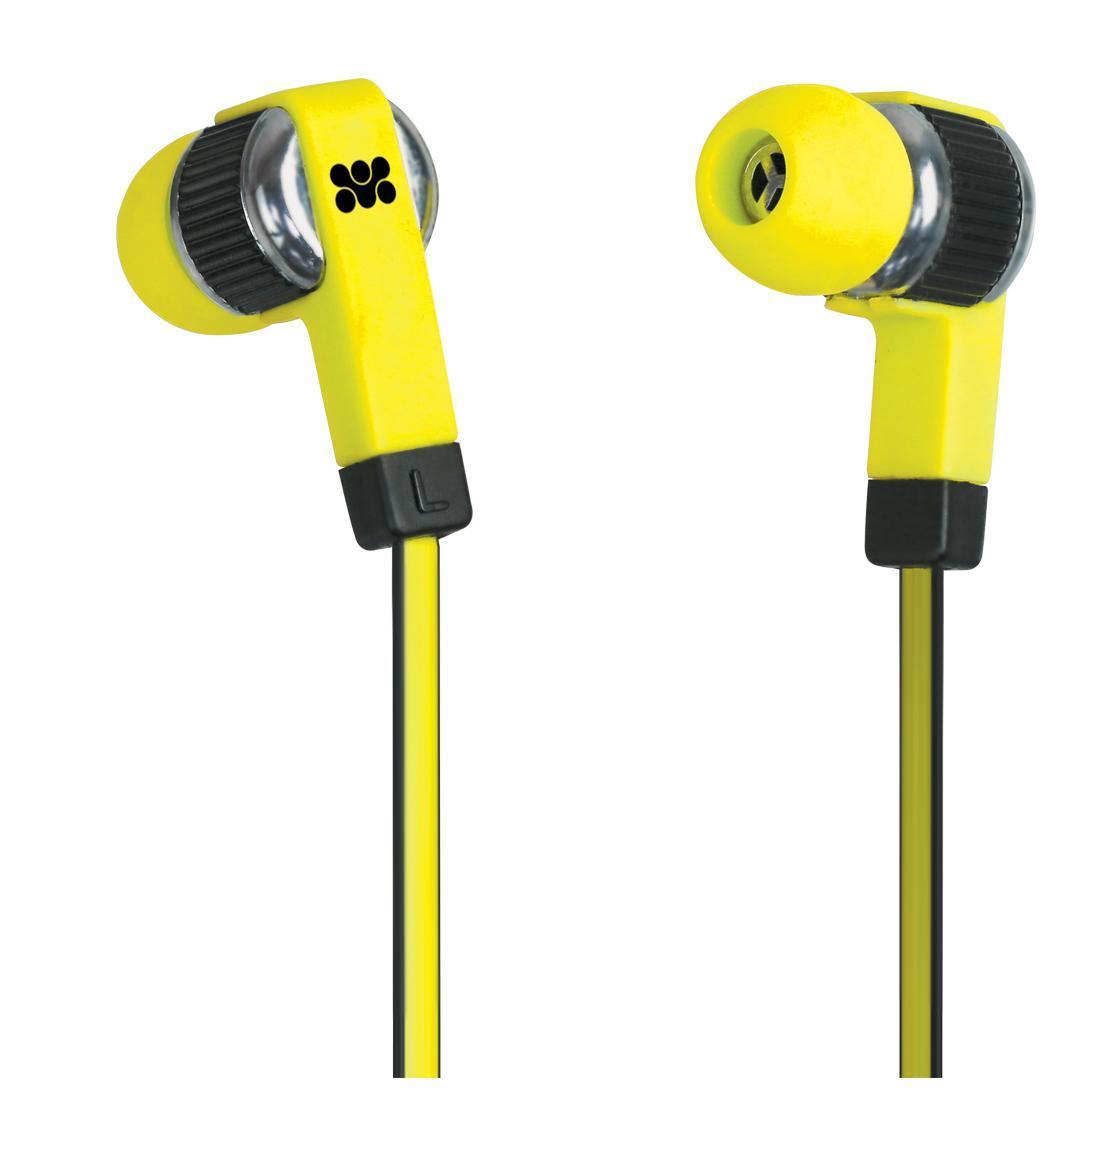 Promate Swish, Yellow наушники00007454Стильная стереогарнитура, идеальны для активного образа жизни. Небольшой, но стильный динамик, идеальное шумоподавление, четкий и чистый звук, встроенный микрофон - что еще нужно, чтобы наслаждаться музыкой и не упускать из внимания Ваш смартфон? Универсальны и совместимы с любыми аудиоустройствами, смартфонами или планшетами. Модель отличает стильным минимализм.